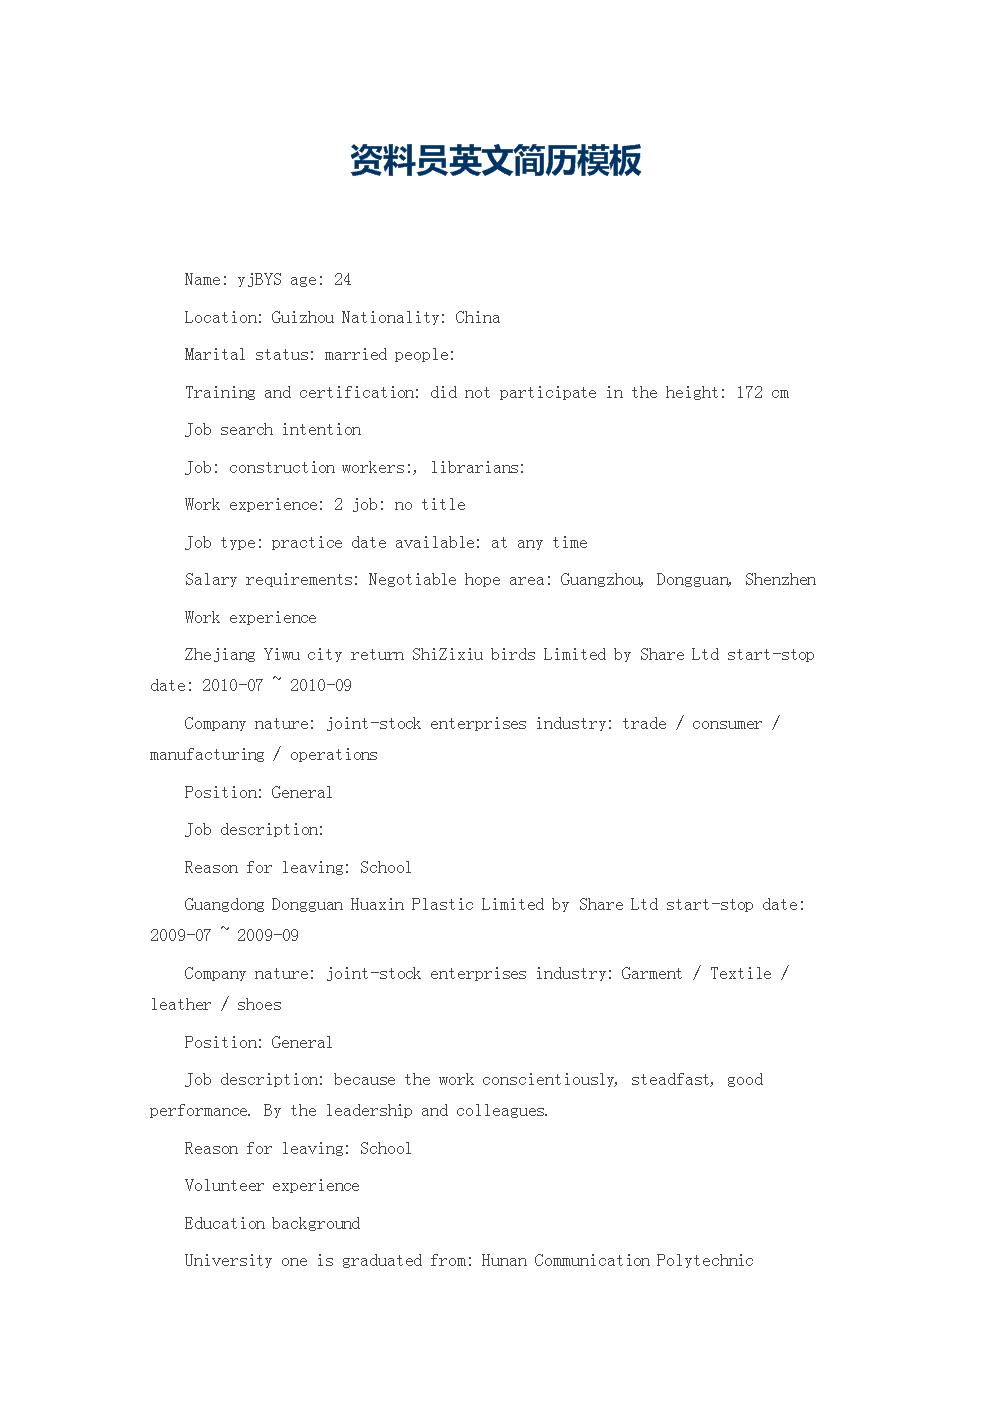 资料员英文简历模板工具.docx